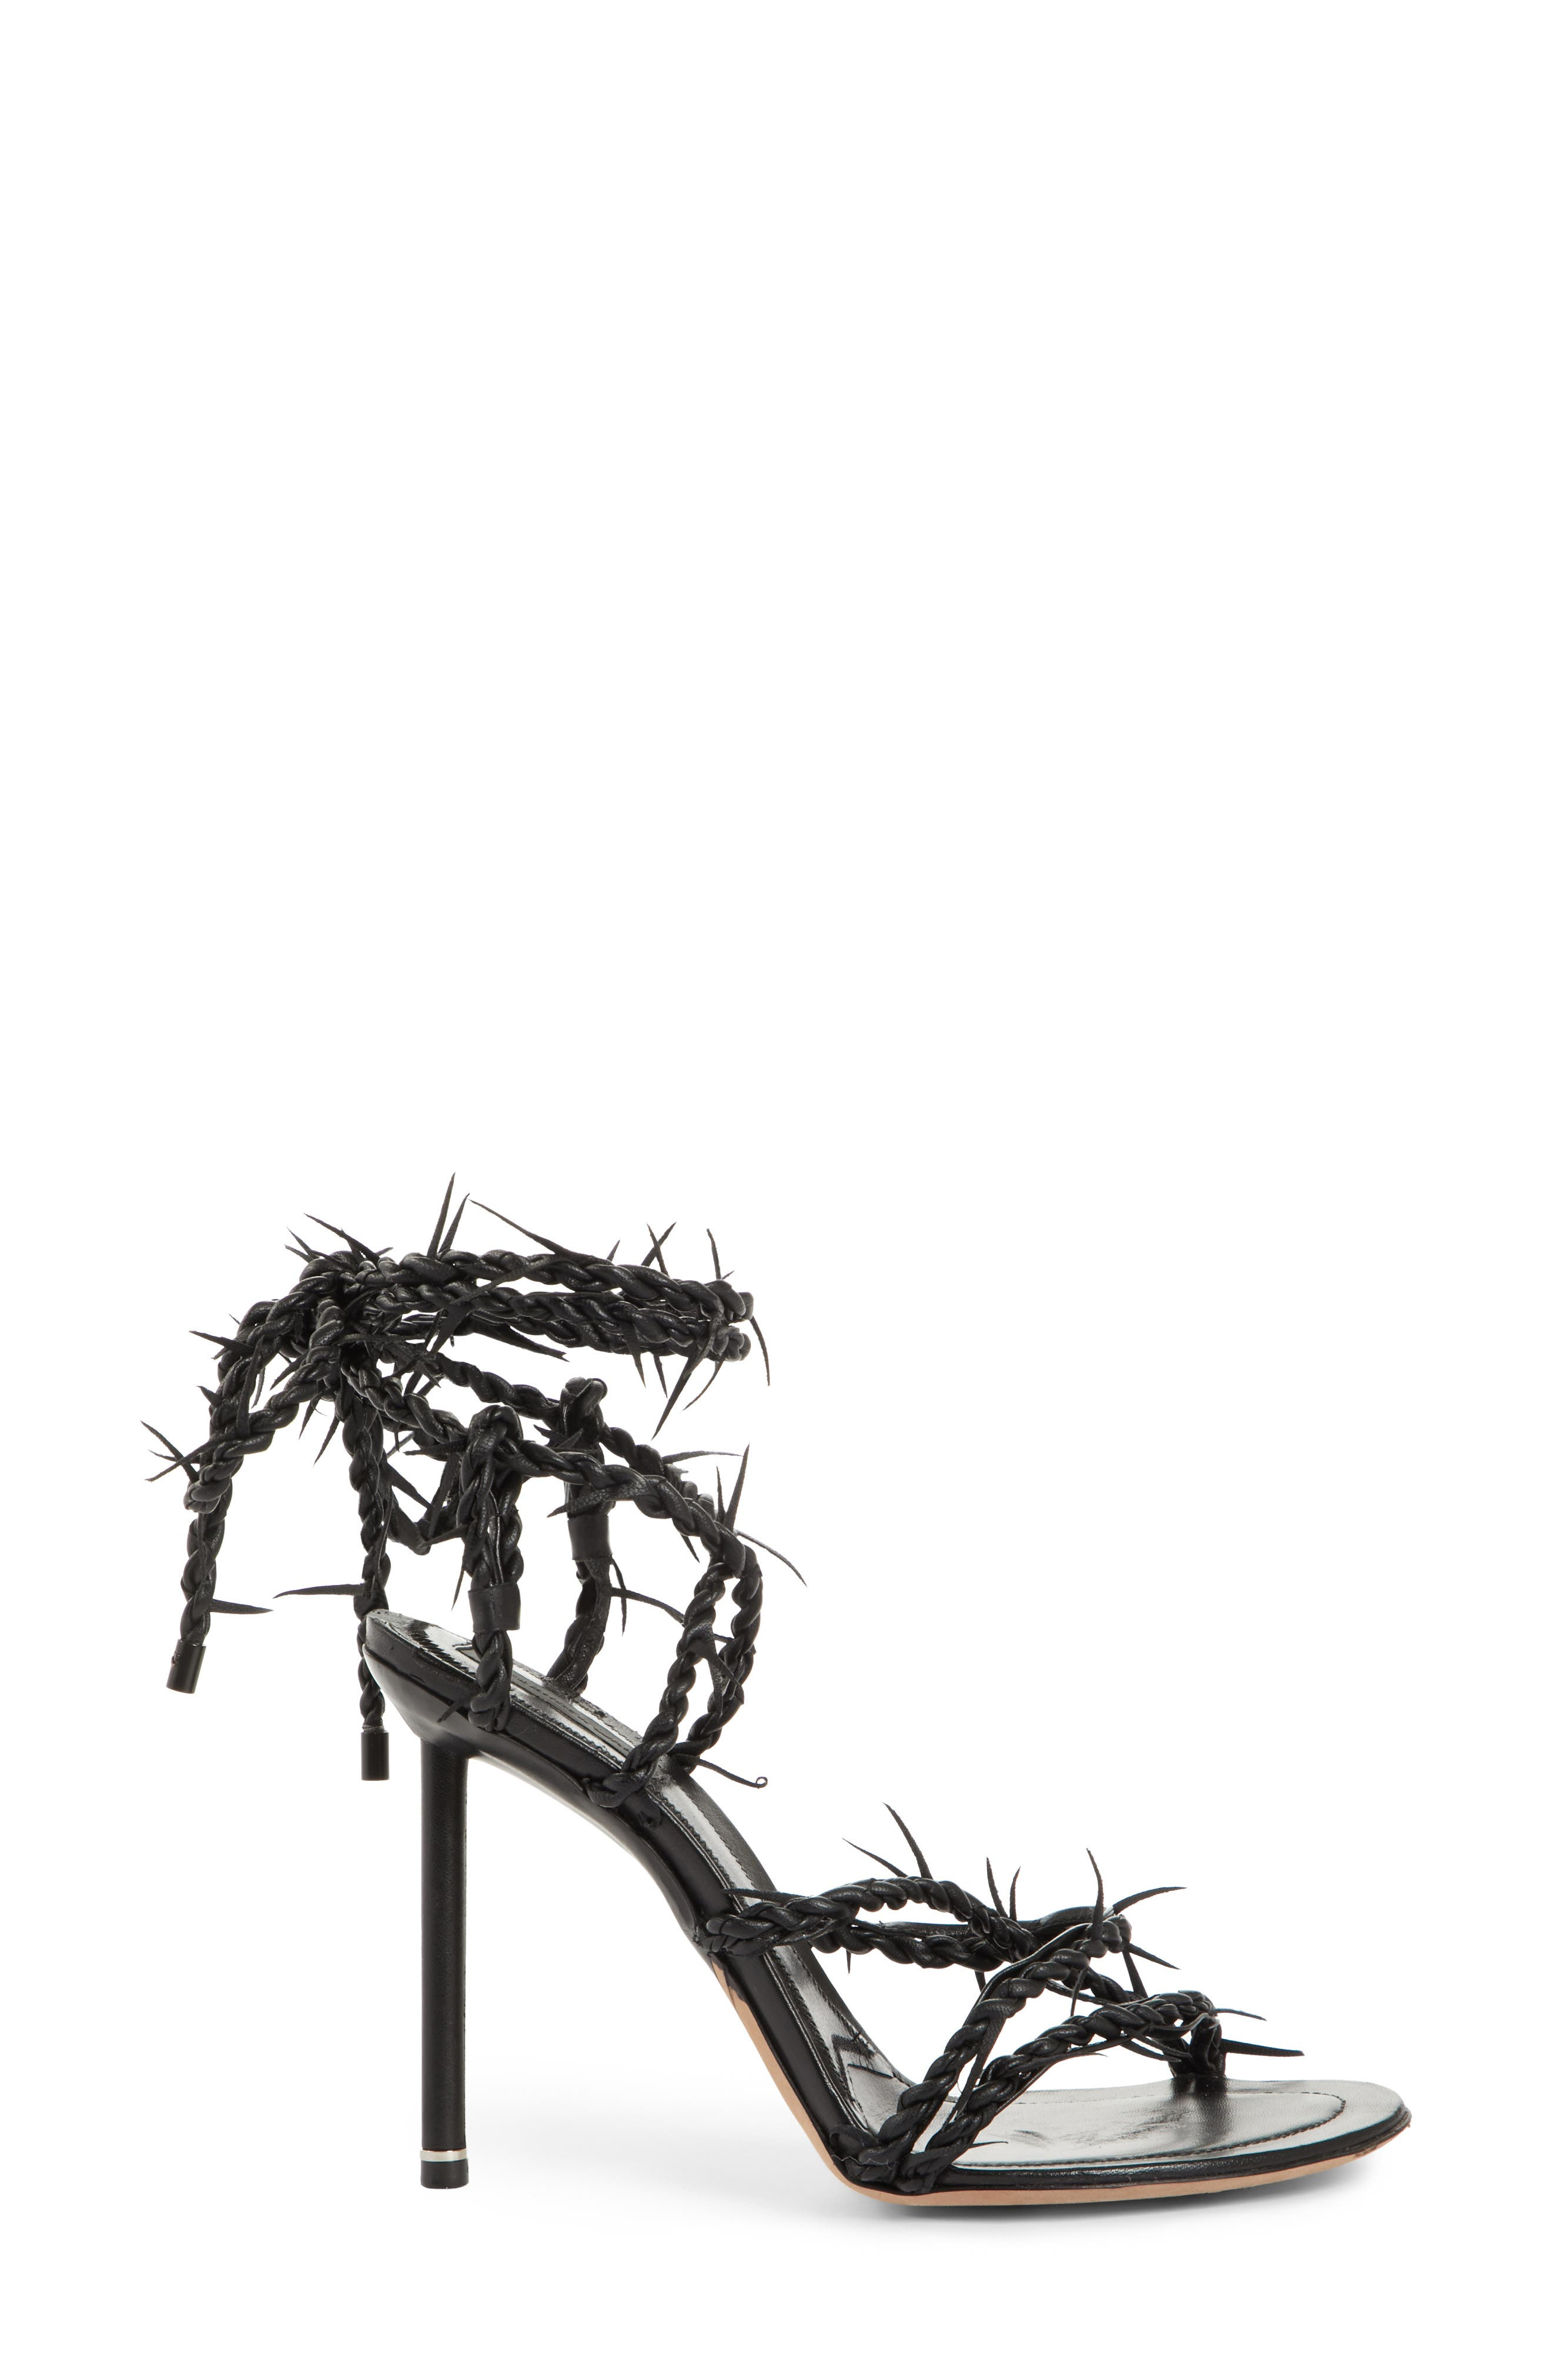 Lexie Cabel Wire Sandal,                             Alternate thumbnail 3, color,                             001